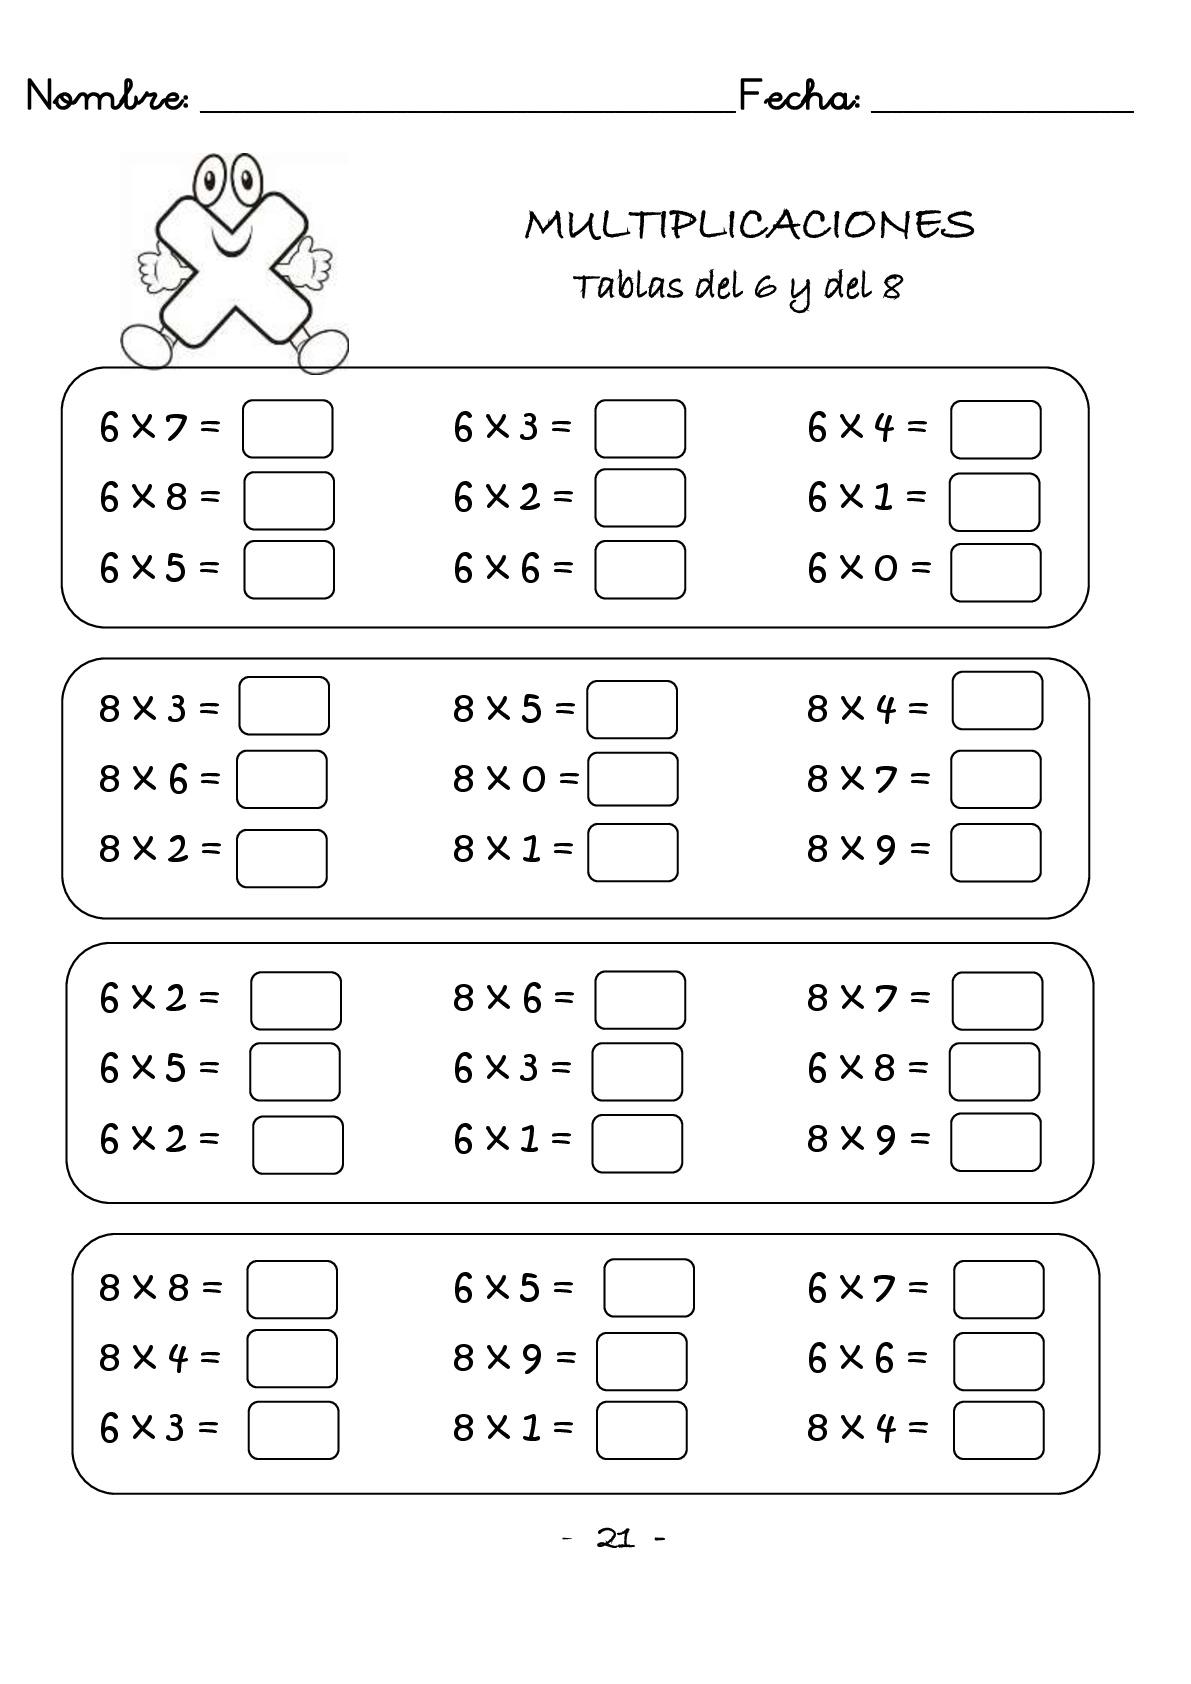 multiplicaciones-rapidas-una-cifra-protegido-022